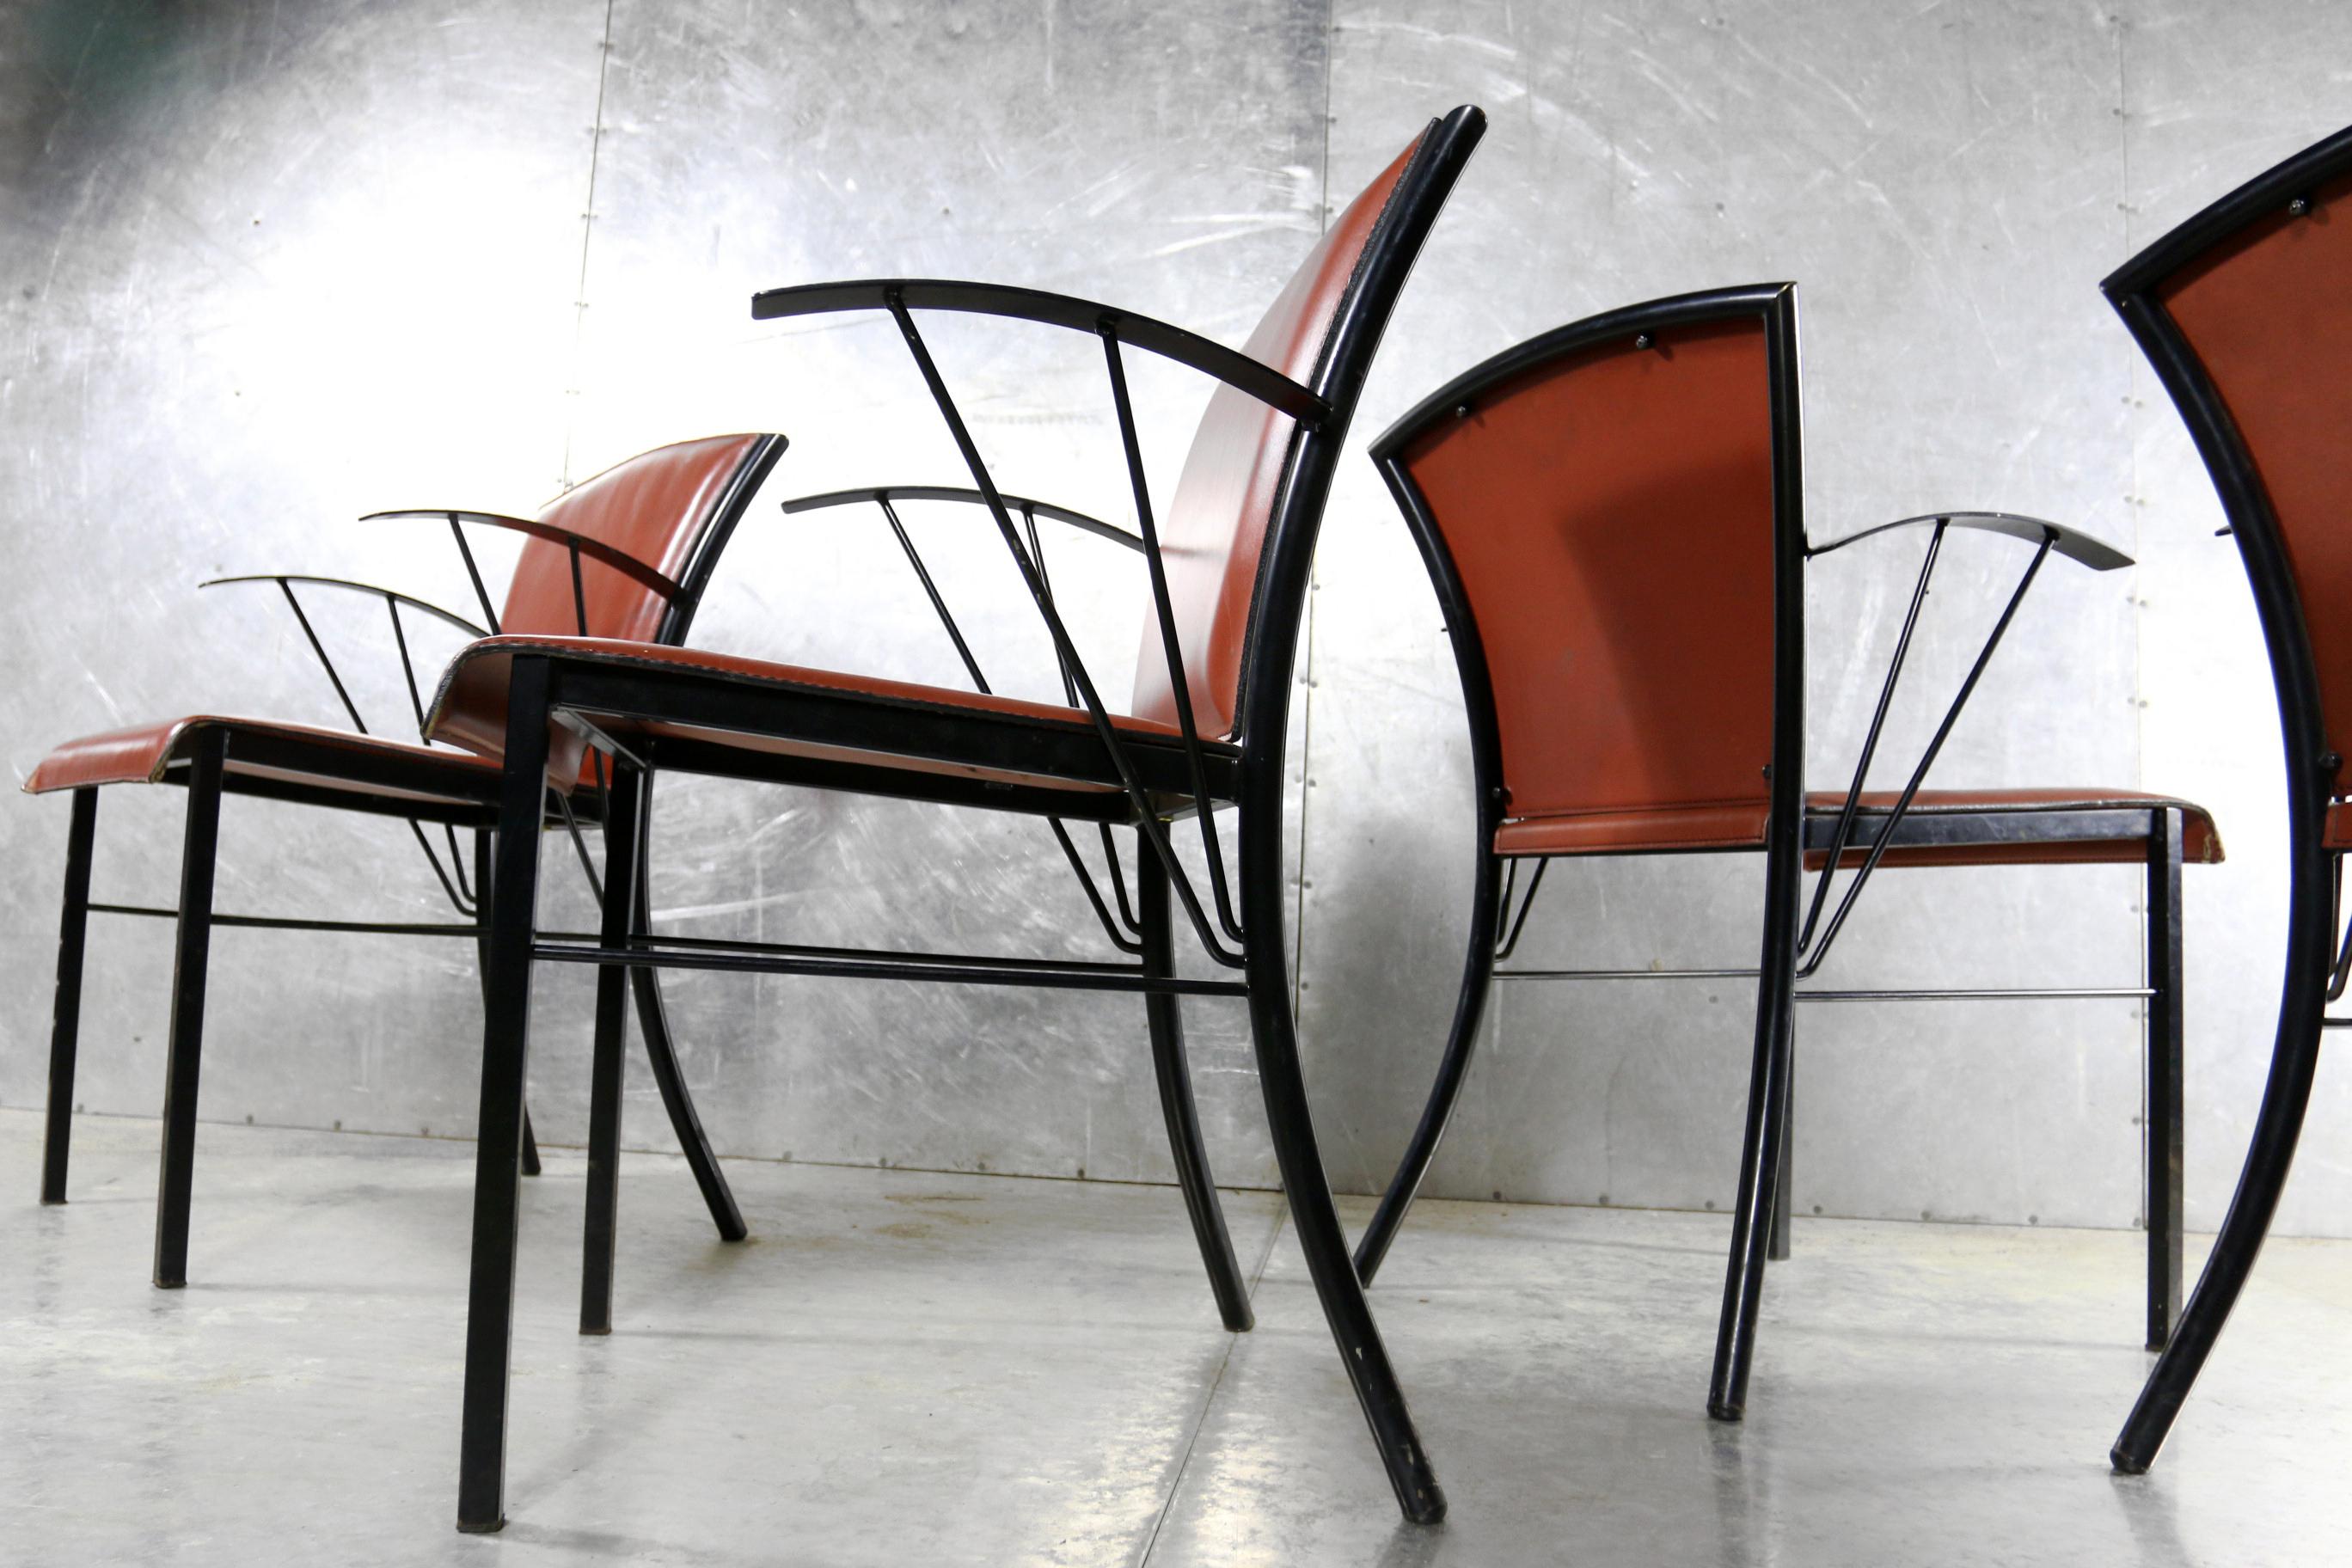 Top arrben italy vintage design metaal tuigleer stoelen for Vintage stoelen